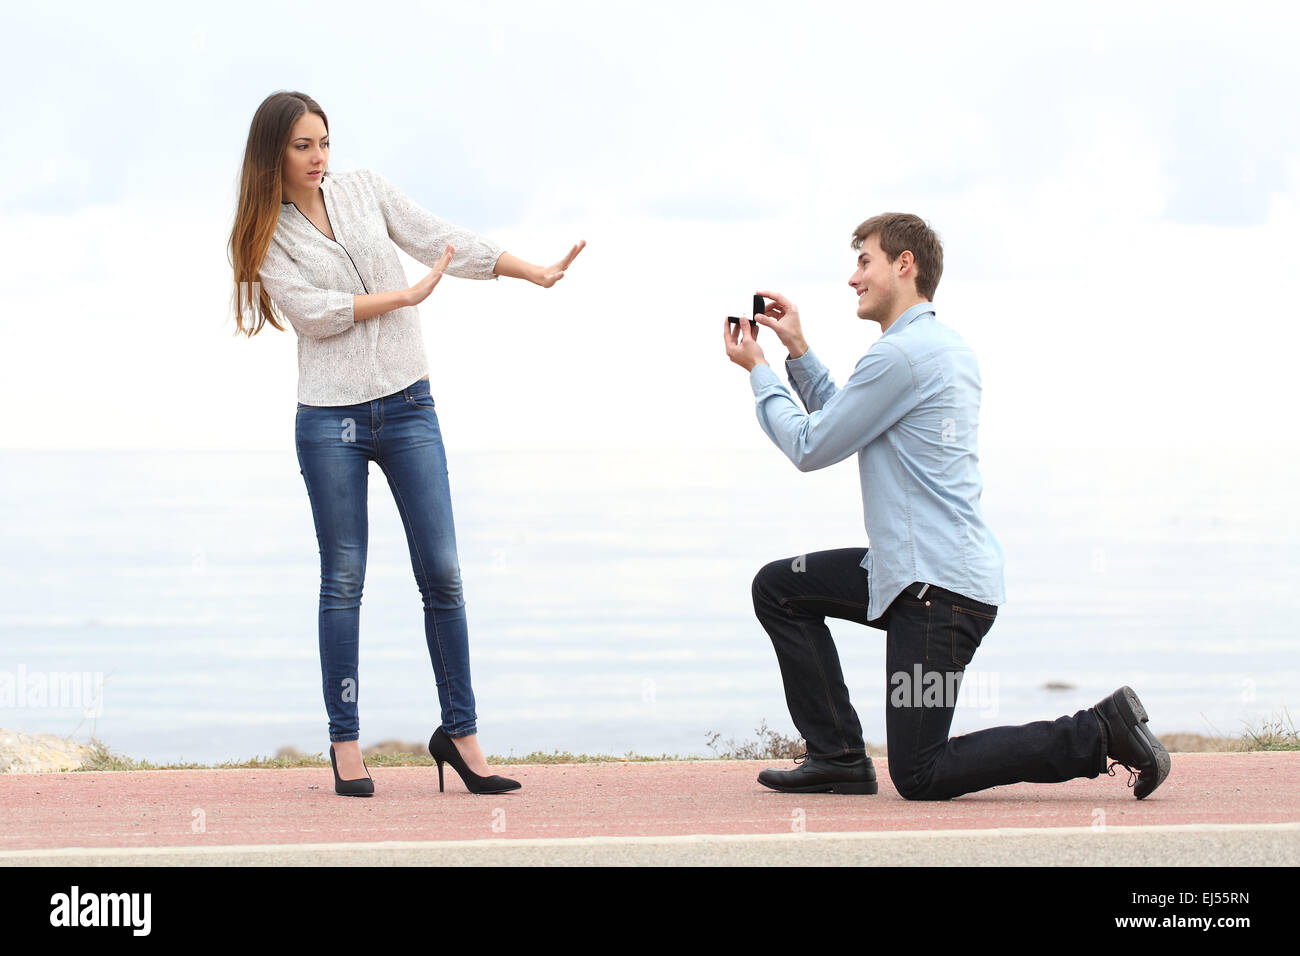 Vorschlag Ablehnung fragt ein glücklicher Mann in der Ehe mit einer Frau am Strand Stockbild